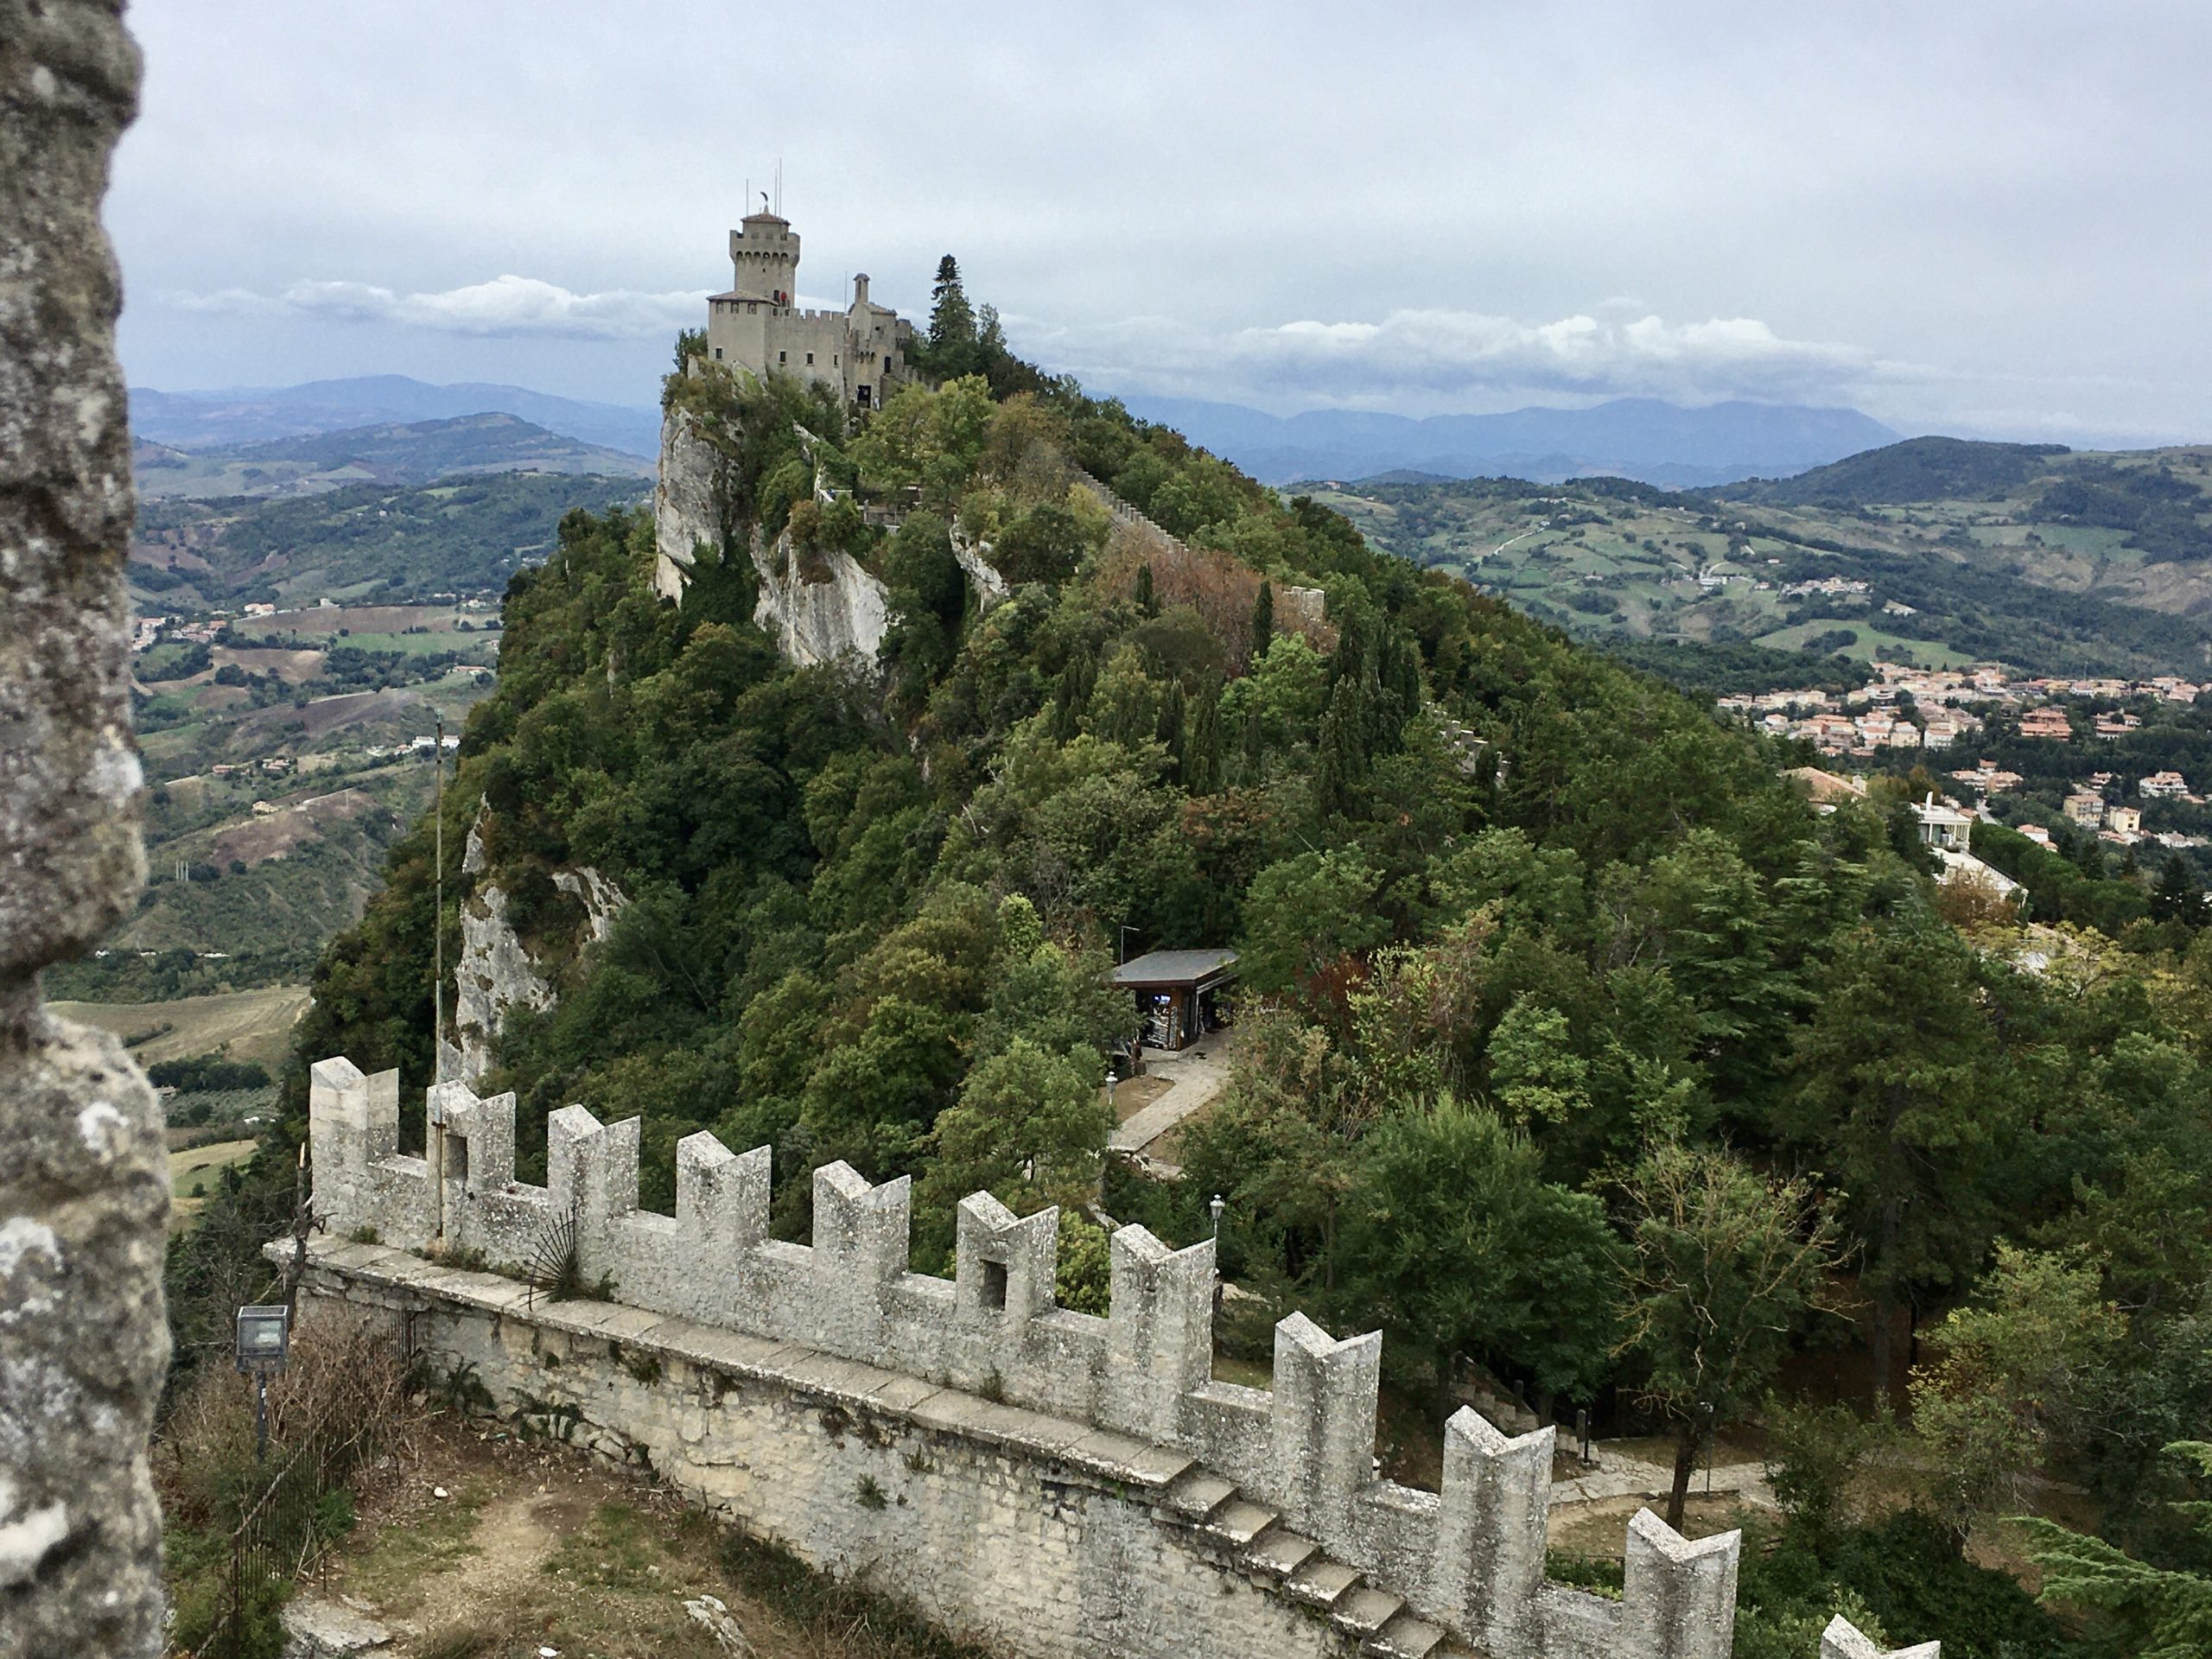 Trzy wieże stoją w najwyższych punktach wzgórza Monte Titano